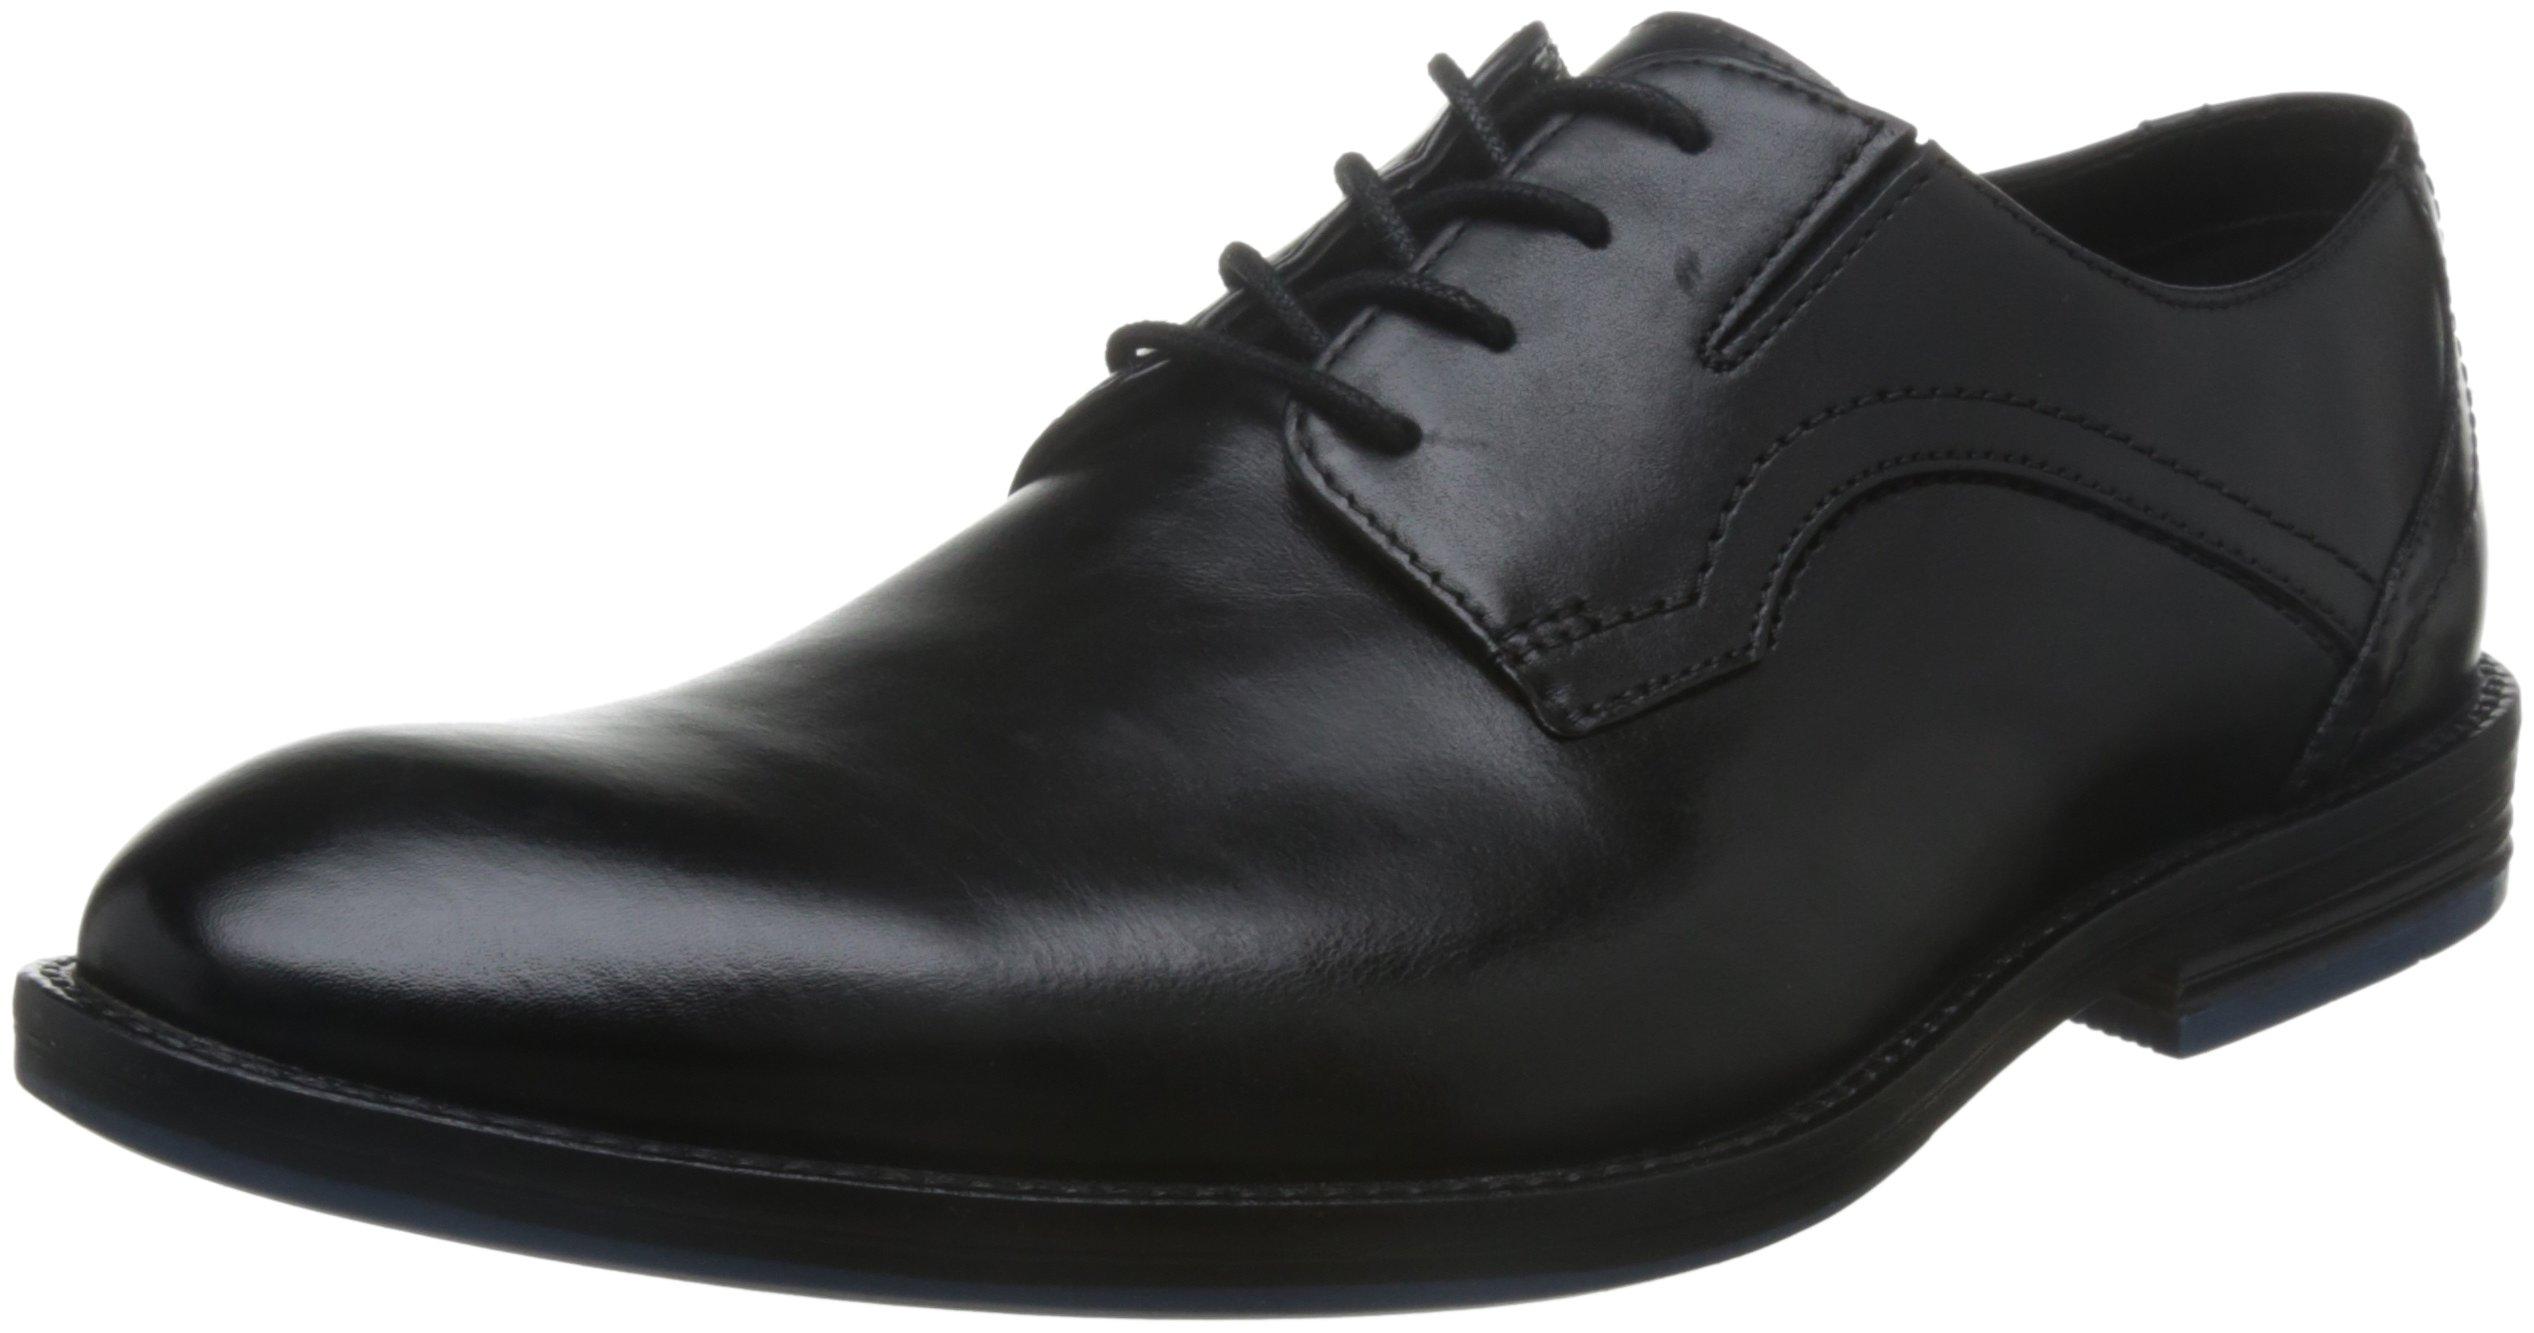 Clarks Prangley WalkDerby Leather40 Eu HommeNoirblack fvYb6y7g